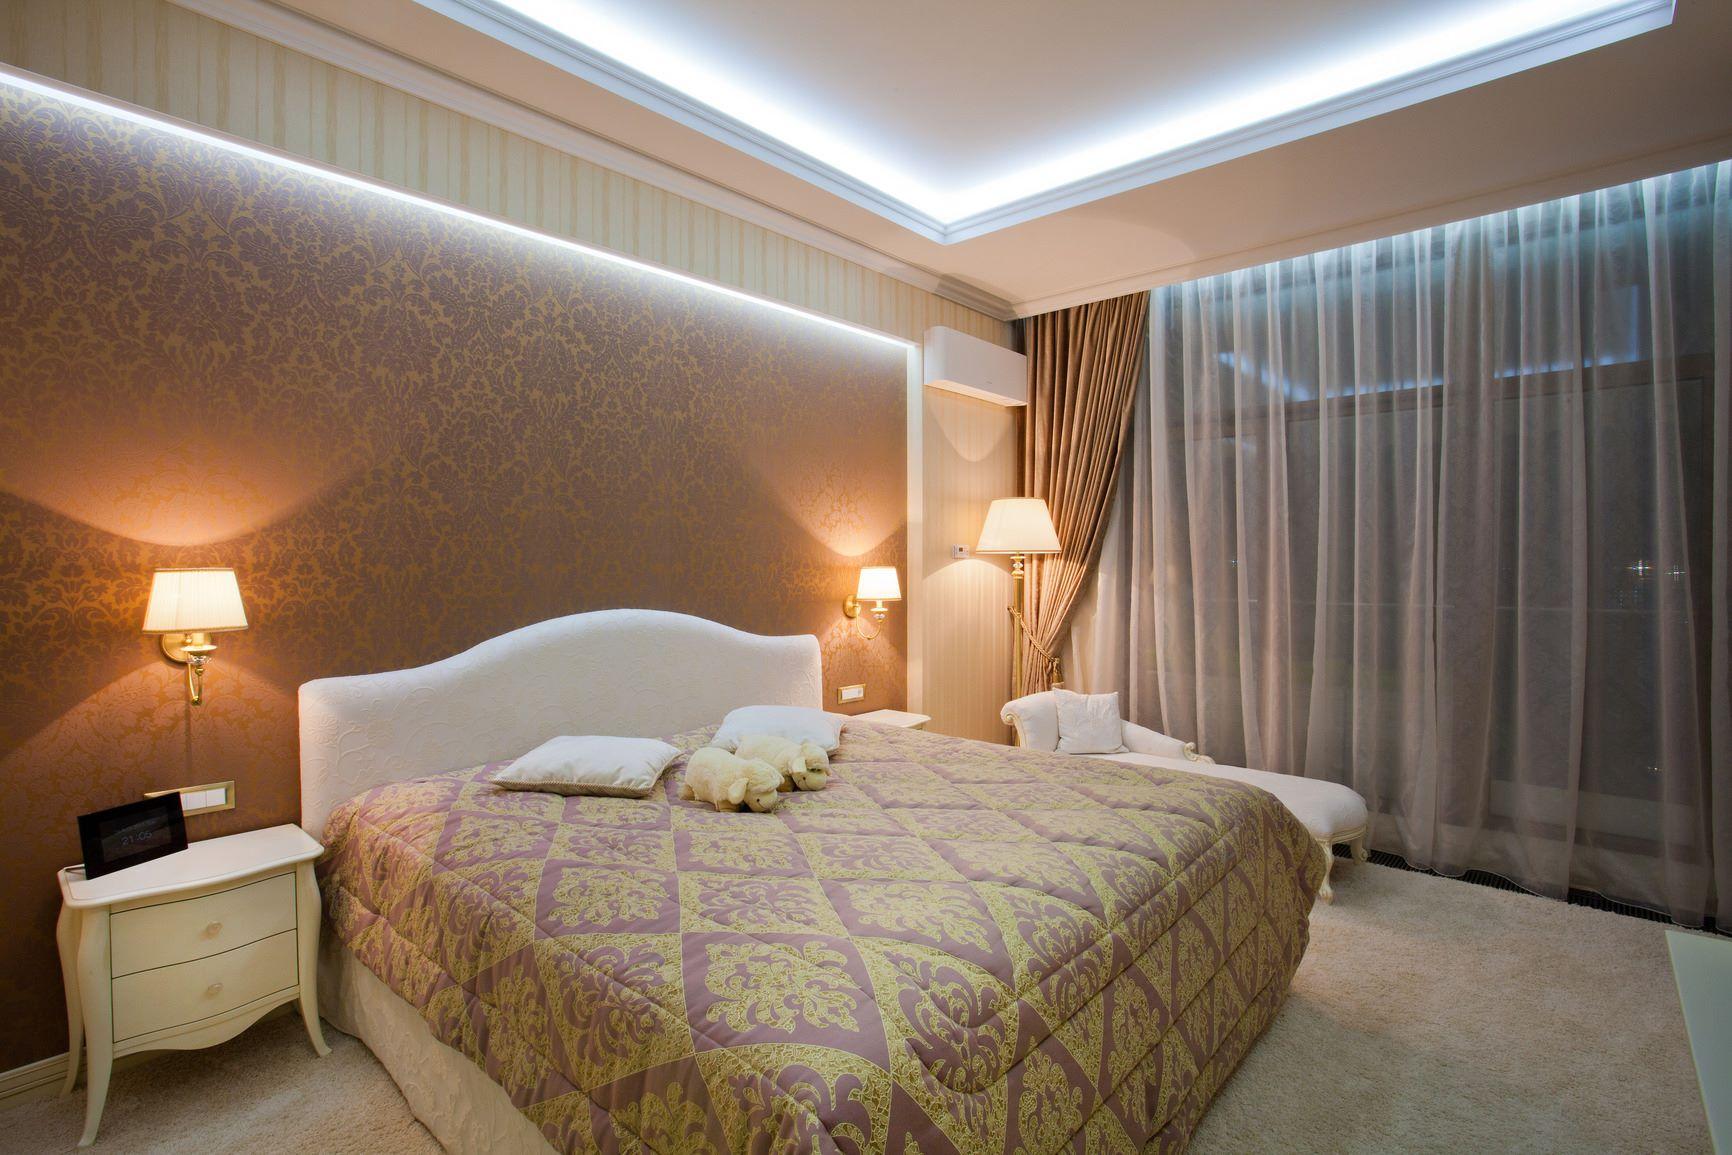 написать рекомендации освещение в спальне без люстры фото ведь может